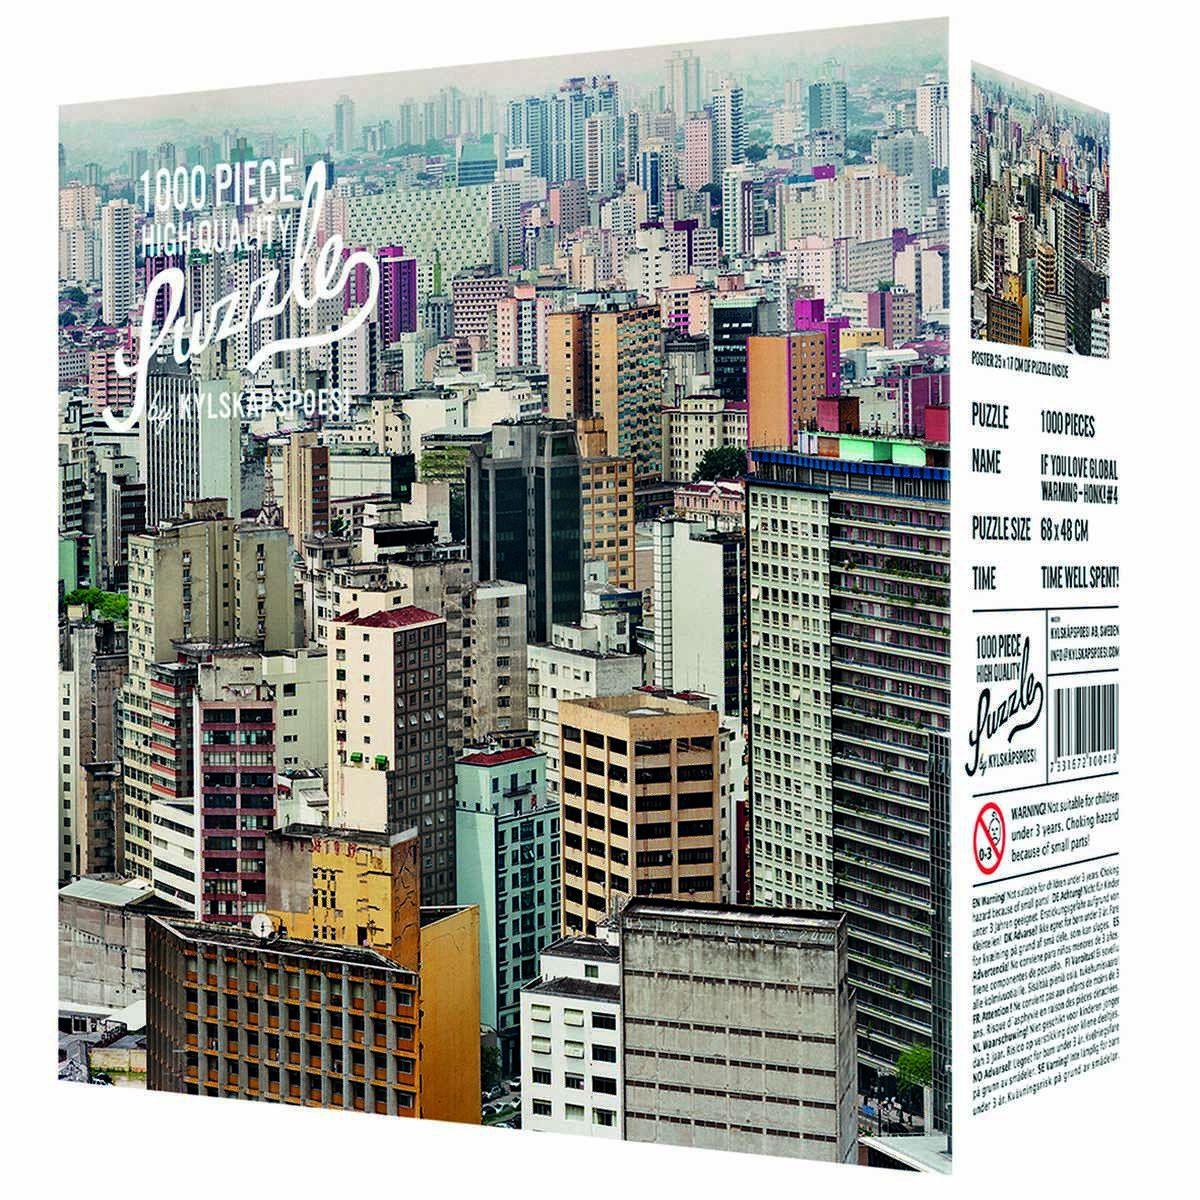 Puzzle 1000 pièces Sao Paulo by Jens Assur